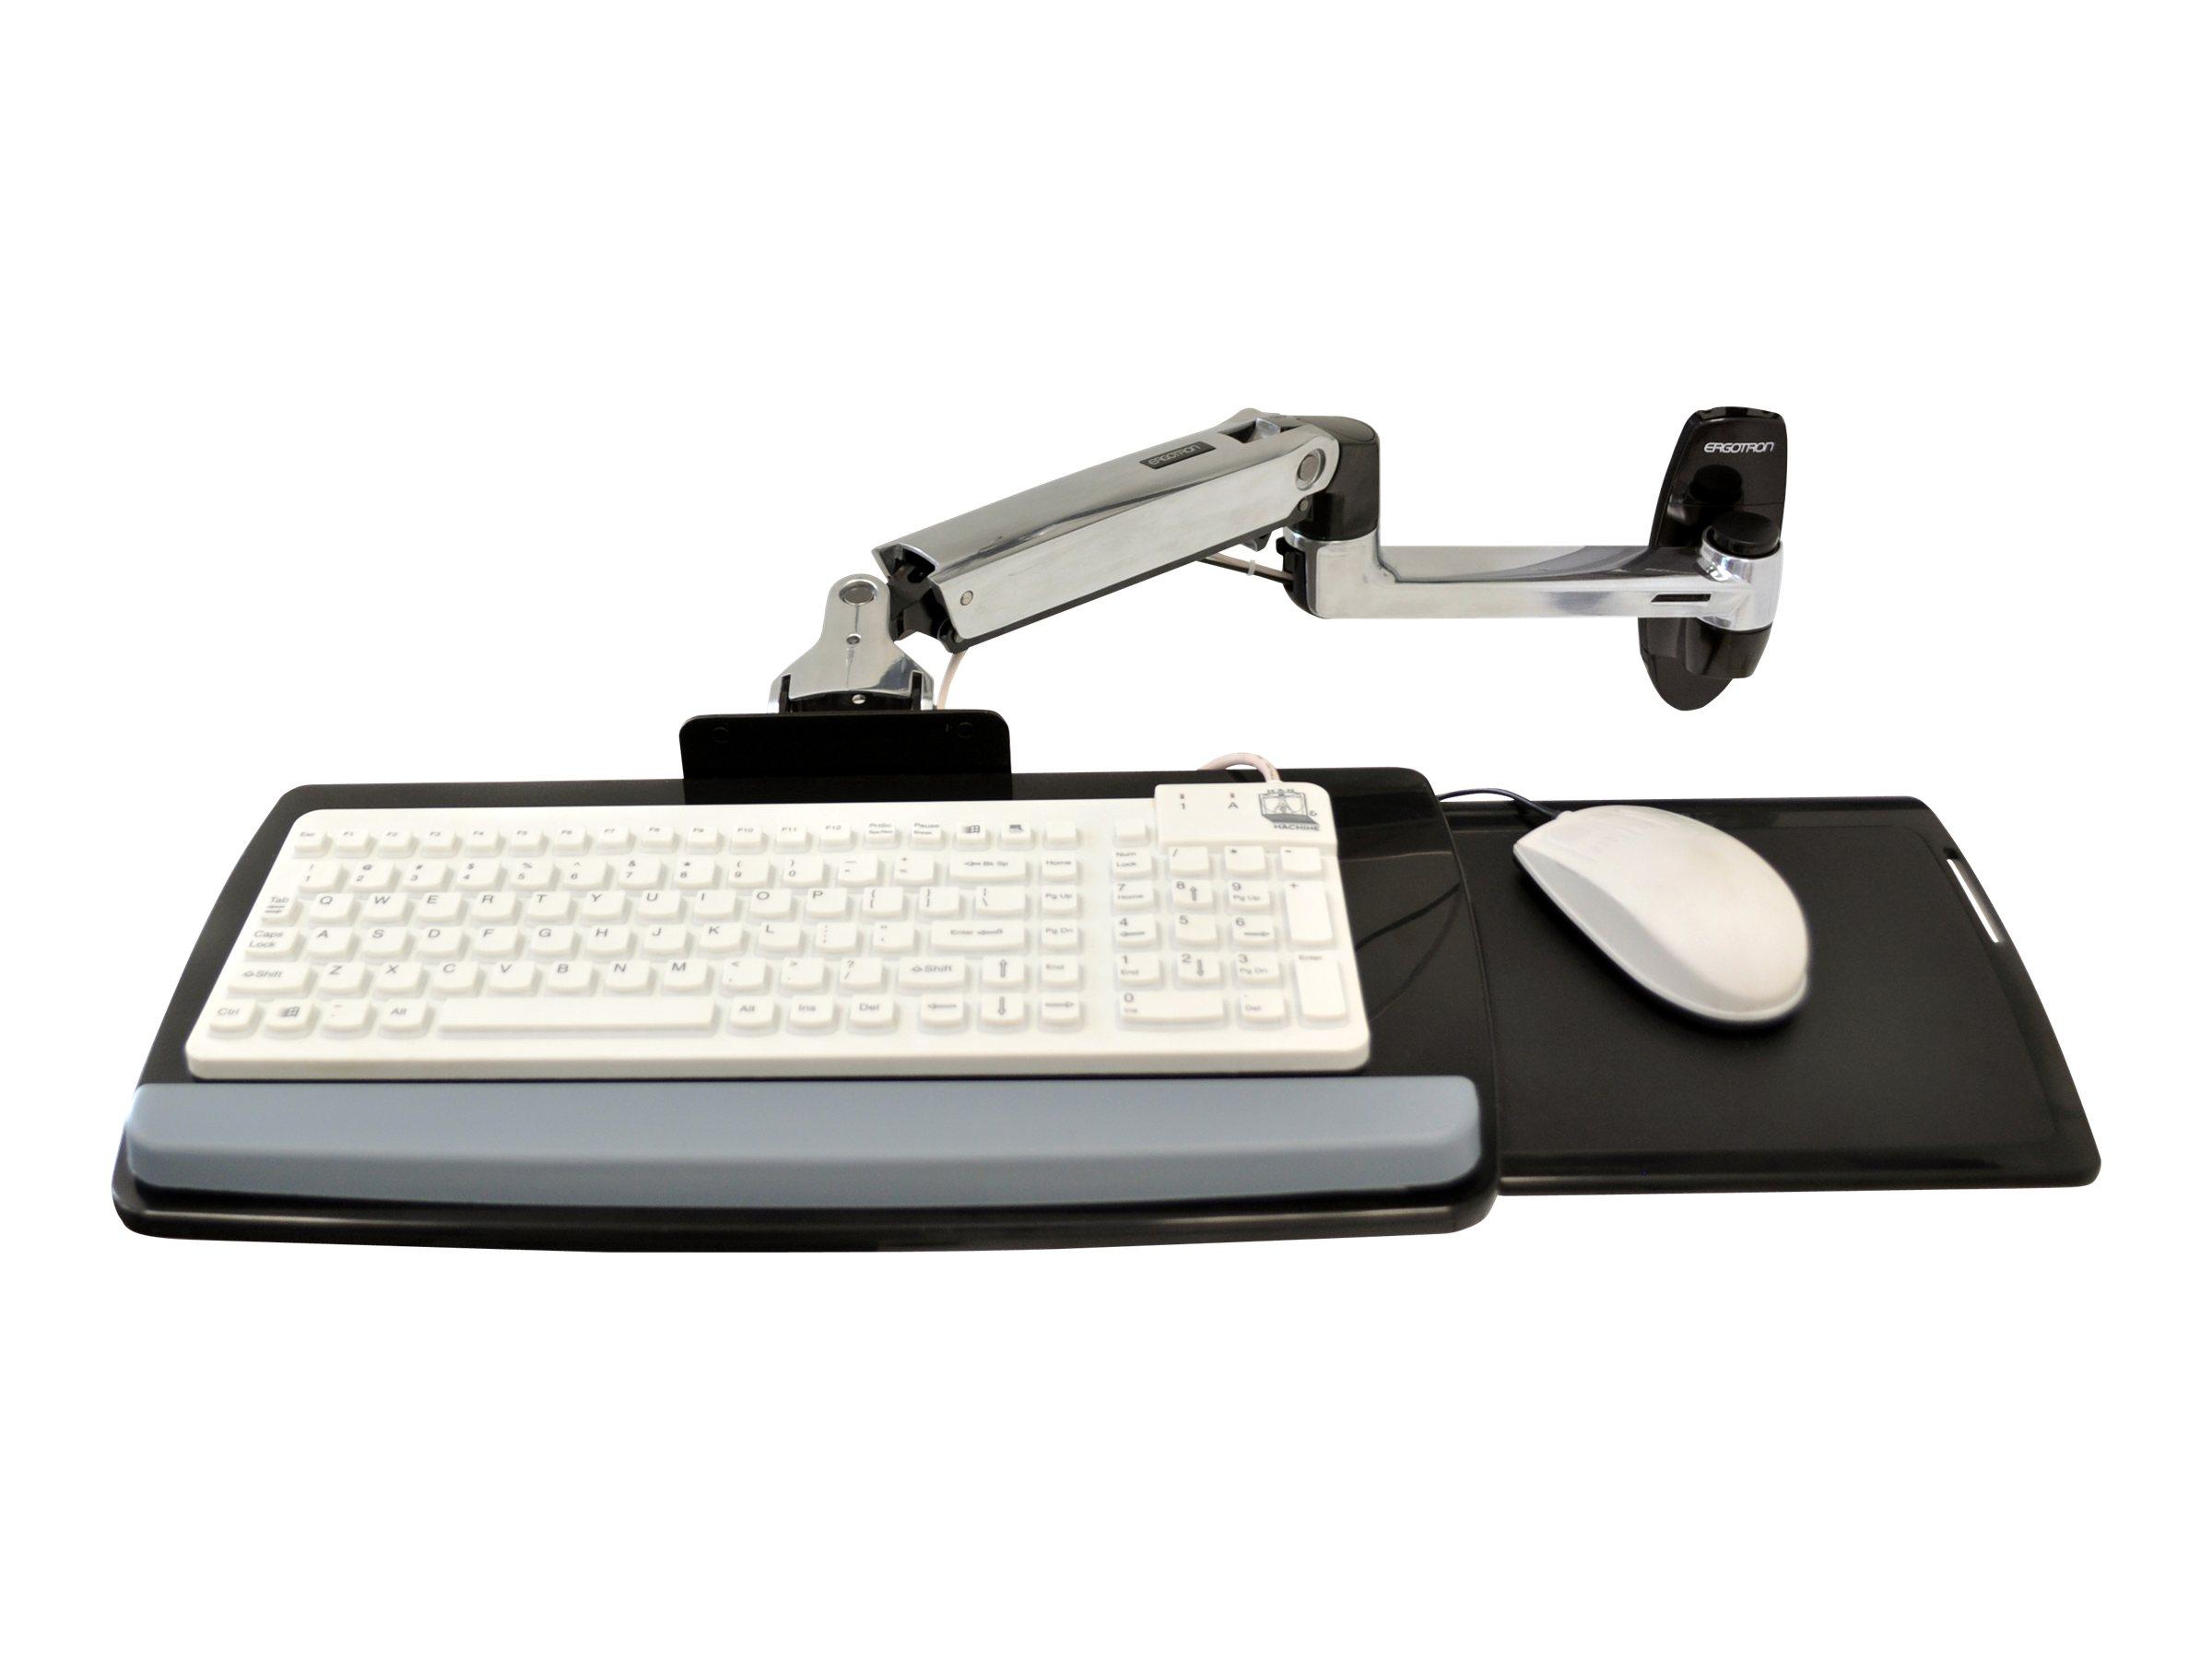 Ergotron LX Wall Mount Keyboard Arm - Tastatur-/Mausablage mit Stützarmhalterung